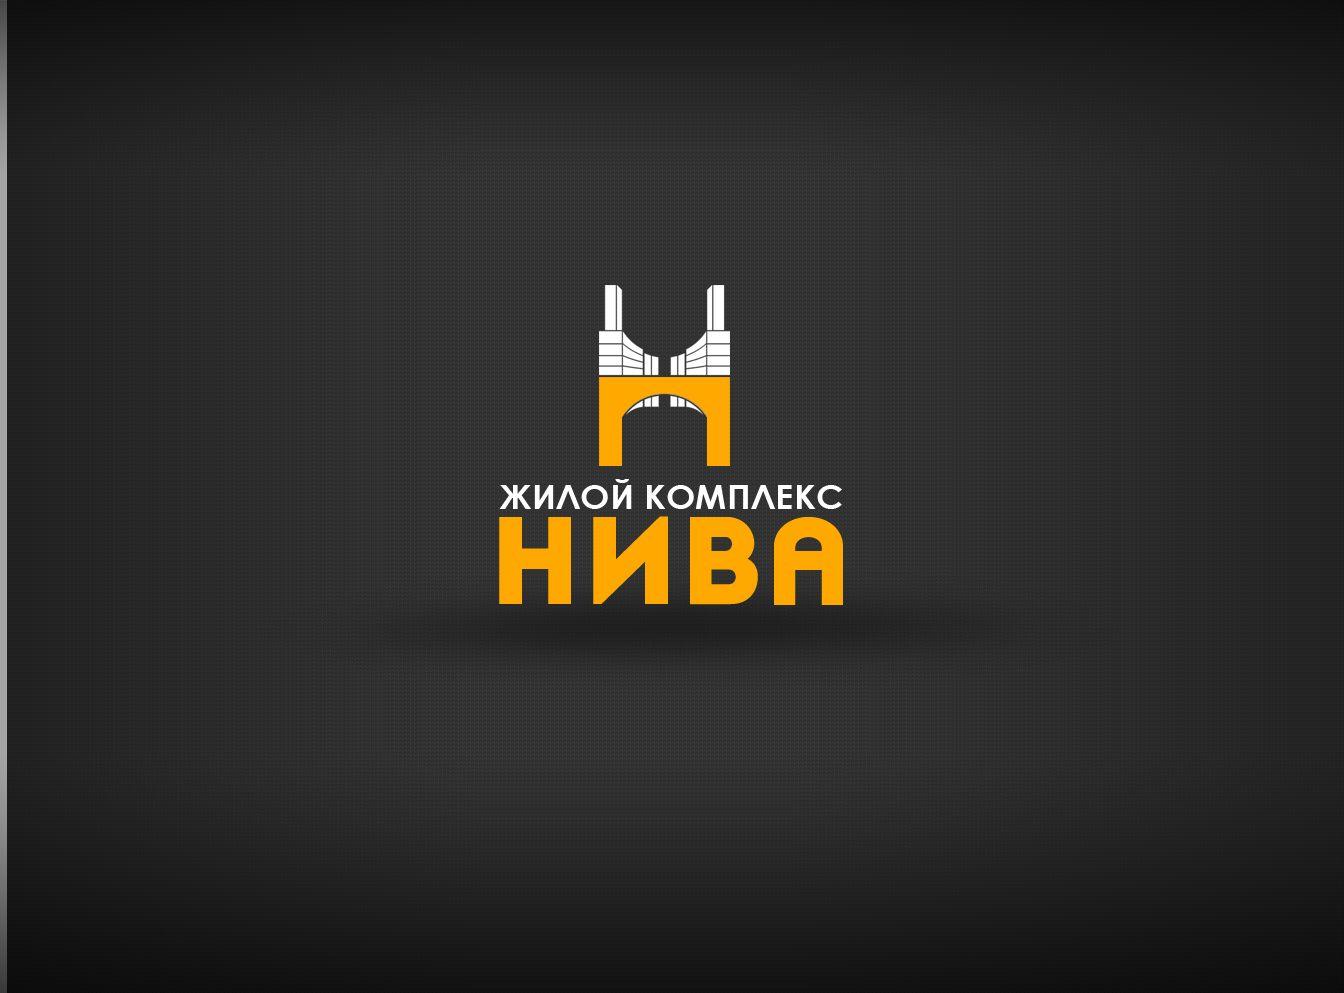 Лого и фирменный стиль для ЖК Нива - дизайнер webgrafika